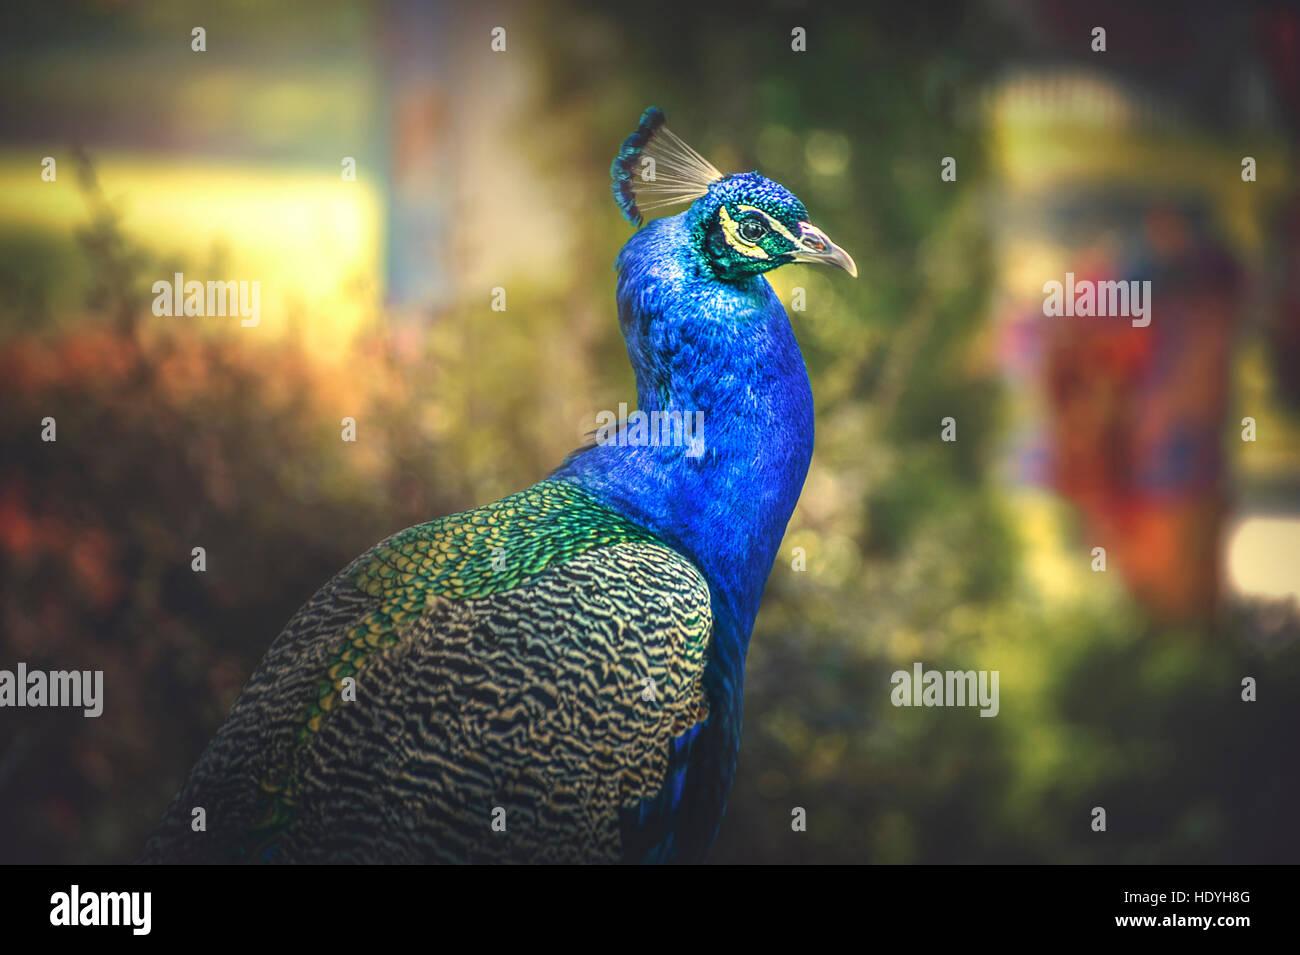 Vogel, Natur, Pfau, Farben, künstlerische Stockbild